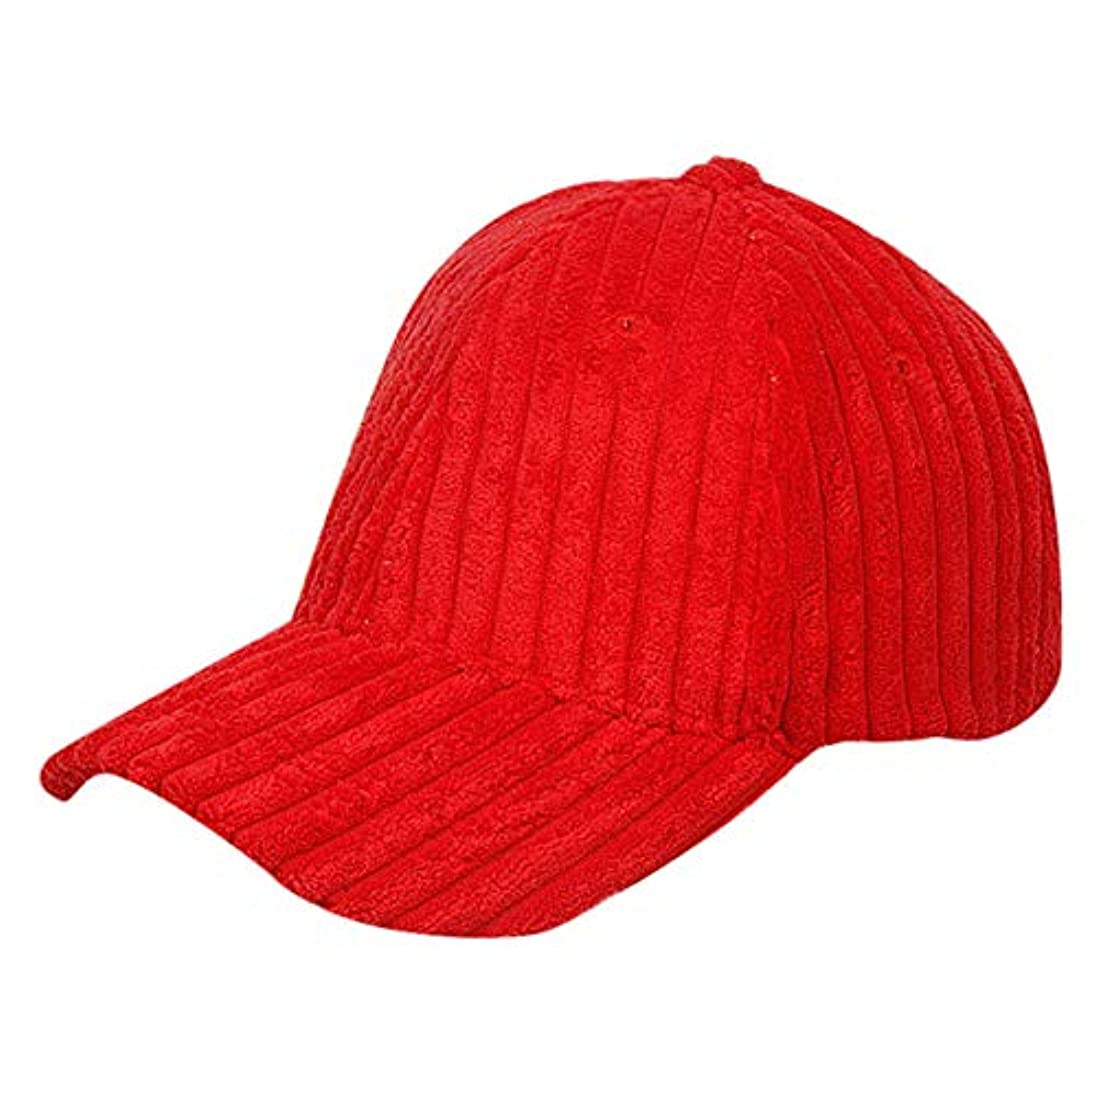 疑い喜劇扇動するRacazing Cap コーデュロイ 野球帽 迷彩 冬 登山 通気性のある メッシュ 帽子 ベルクロ 可調整可能 ストライプ 刺繍 棒球帽 UV 帽子 軽量 屋外 Unisex Hat (赤)